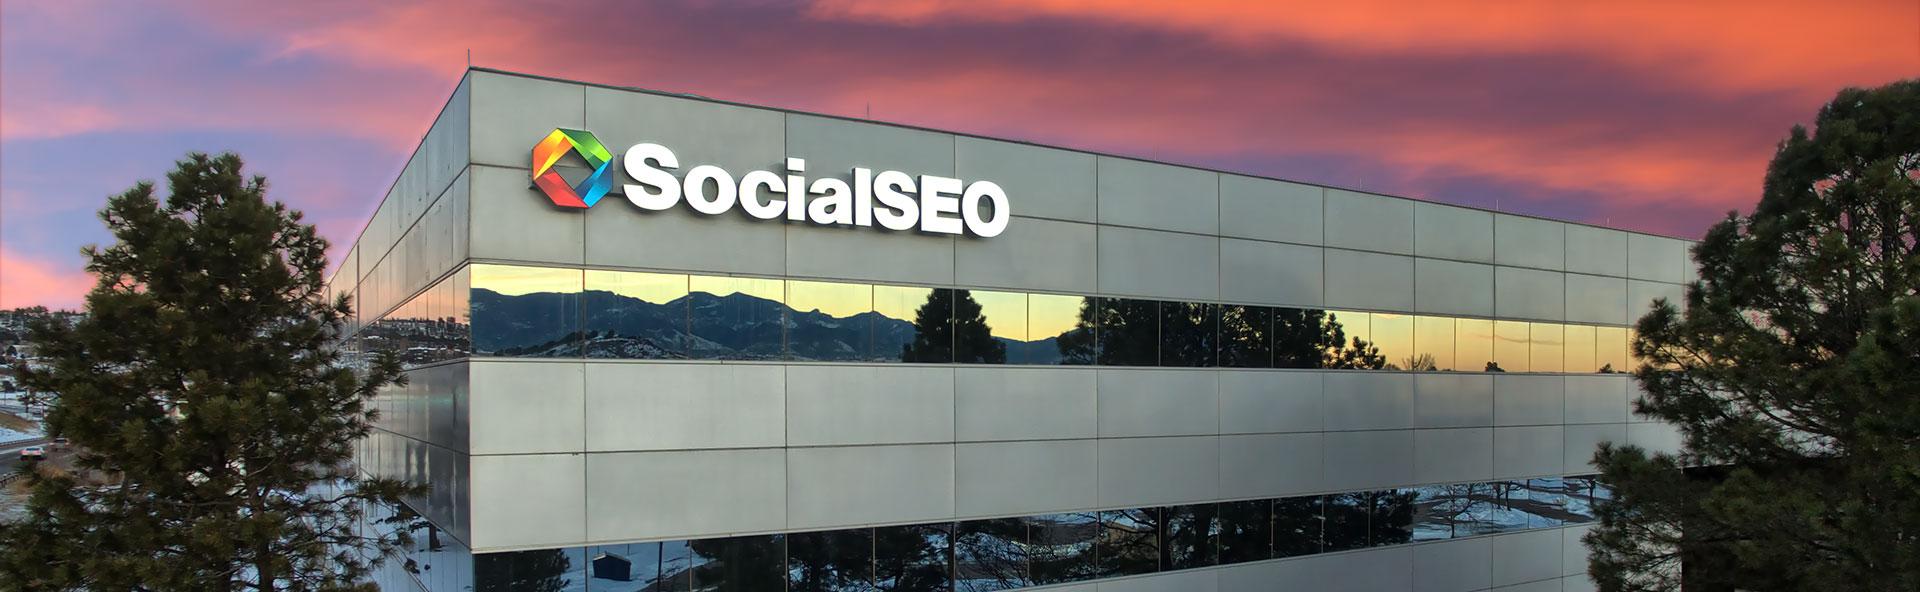 SocialSEO Secret Sauce